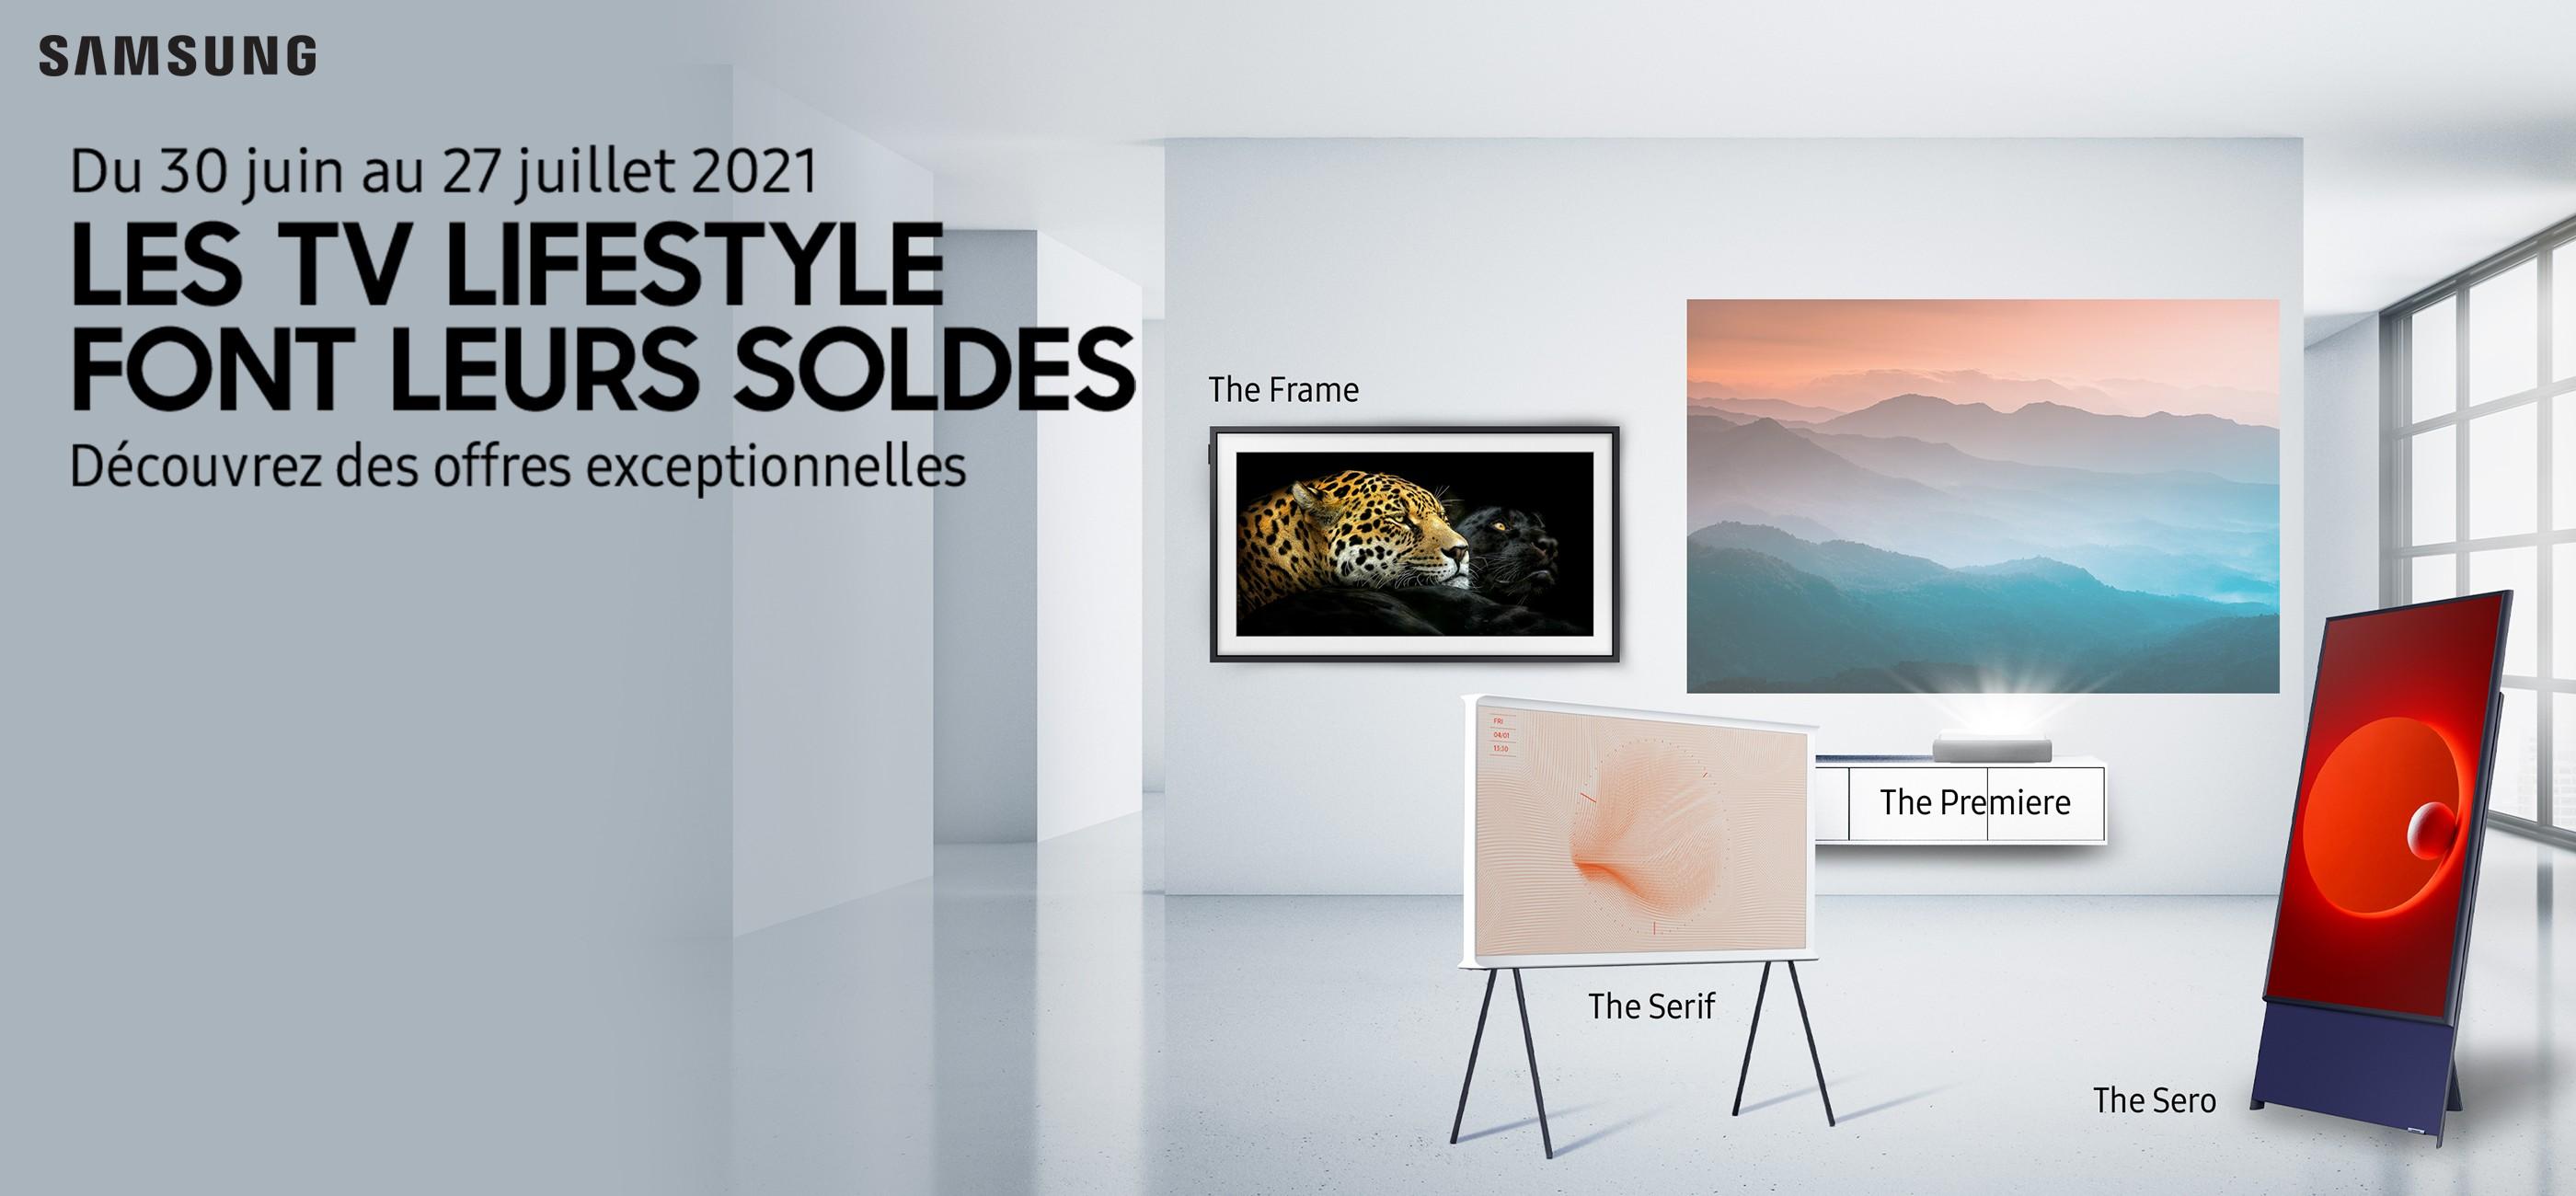 Samsung brun SOLDES 2